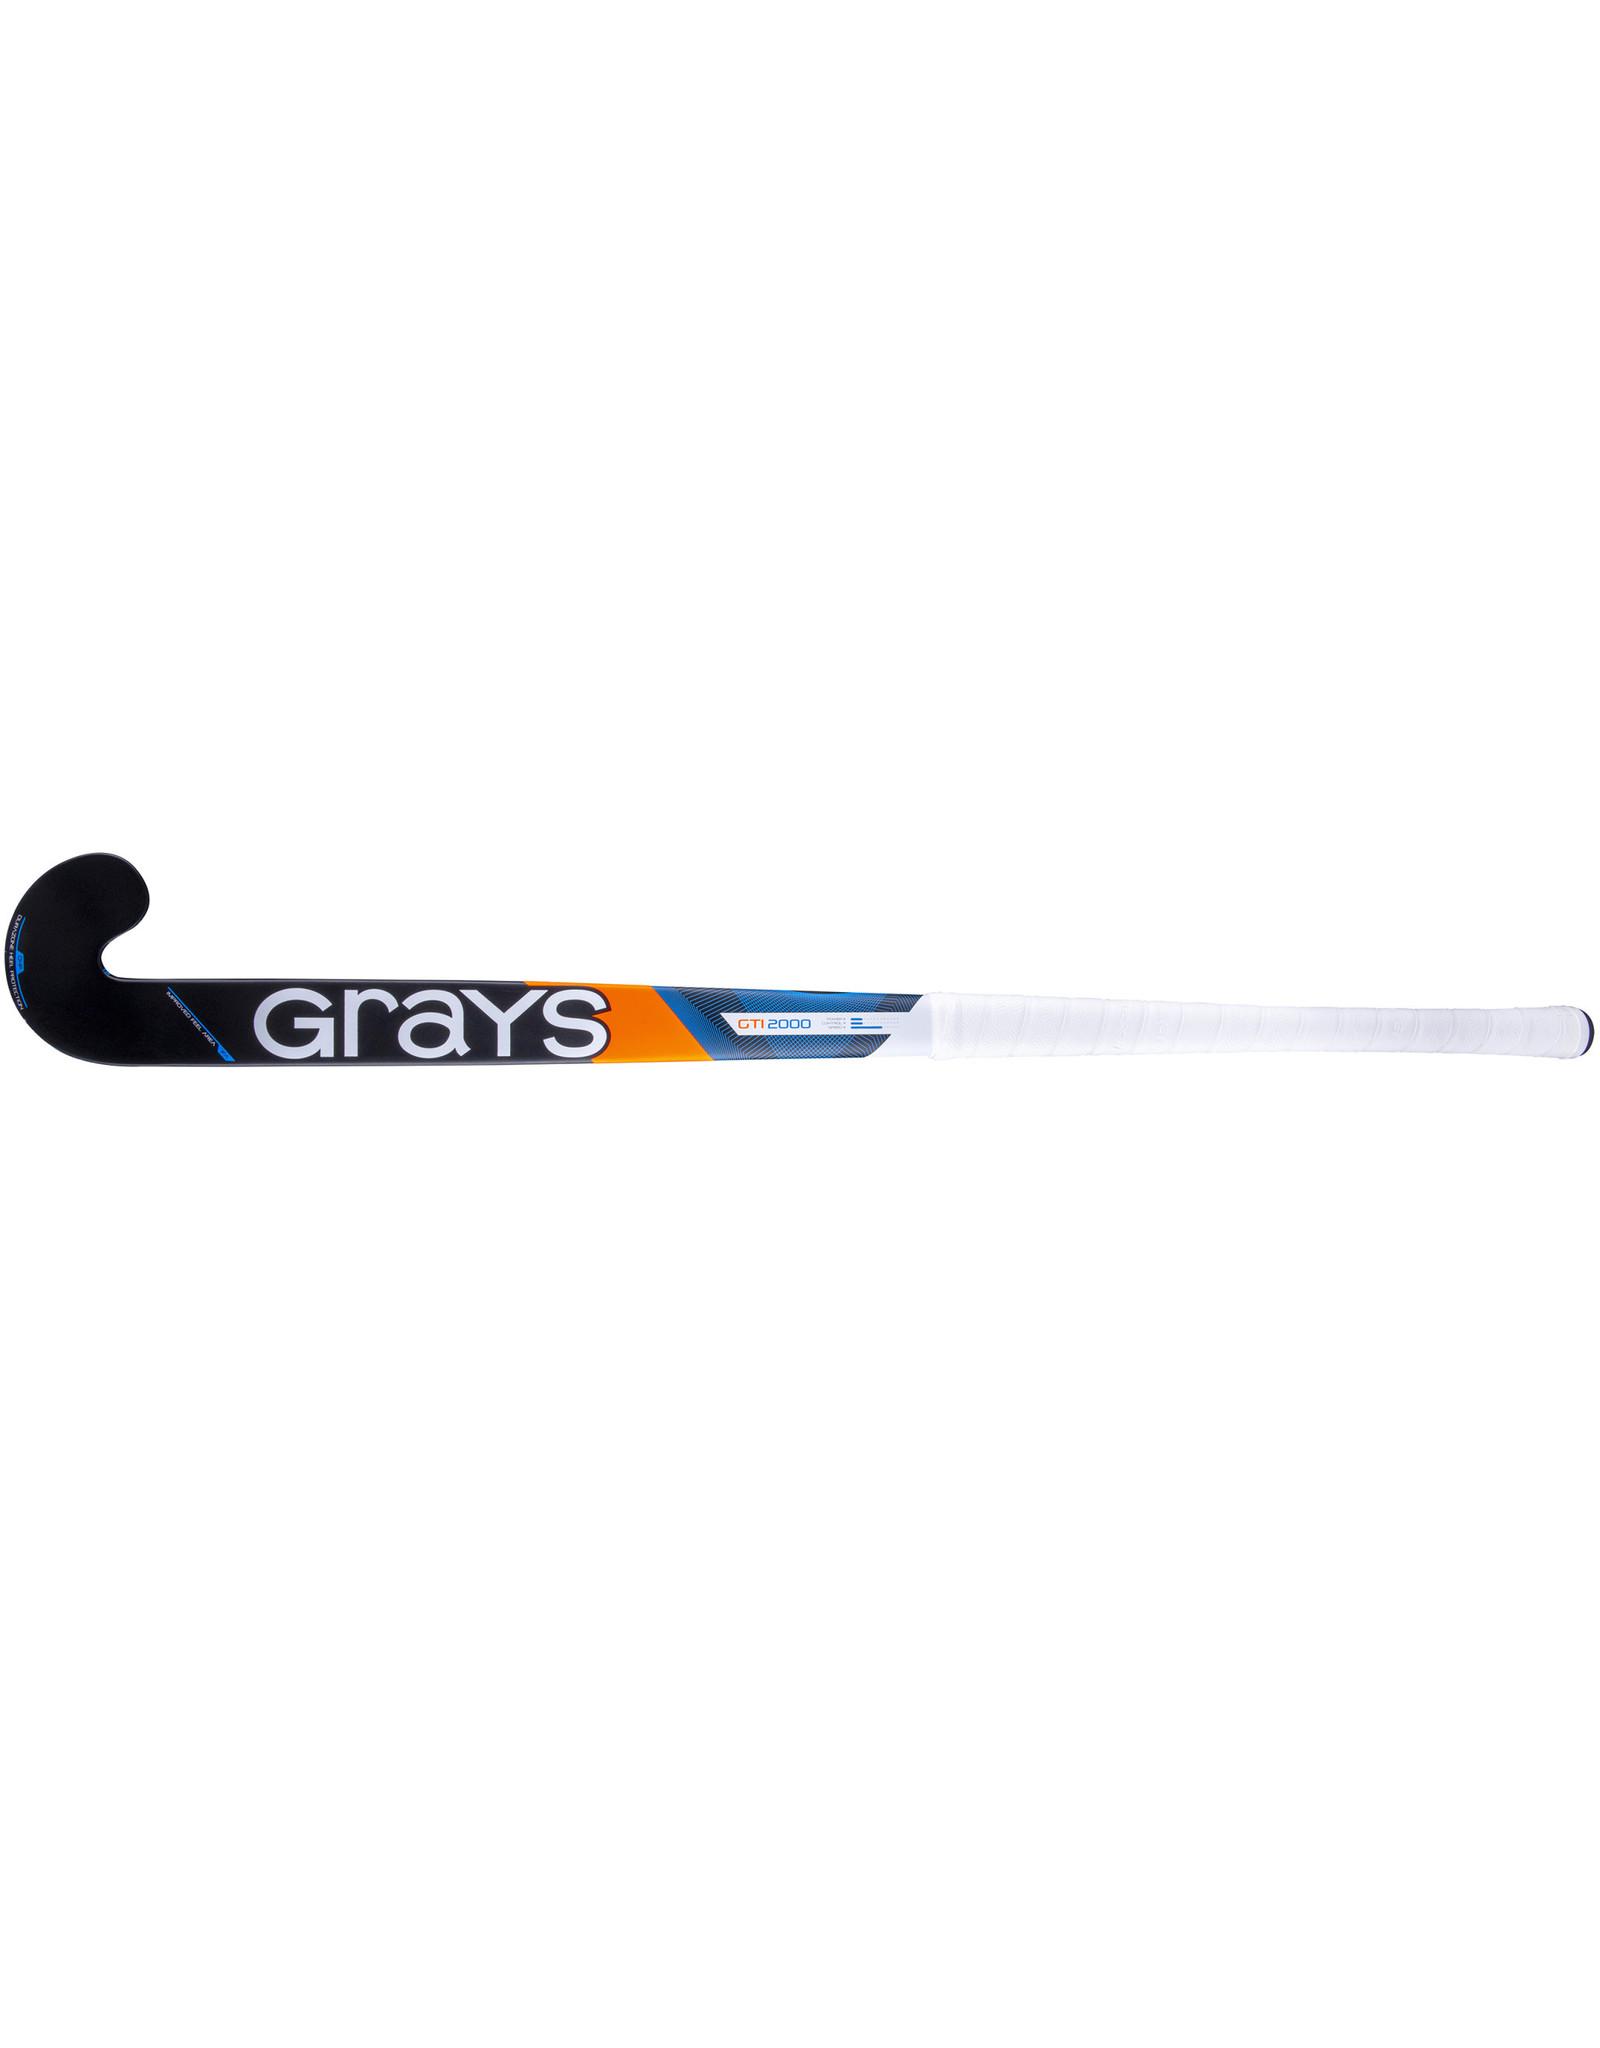 Grays STK GTI2000 UB